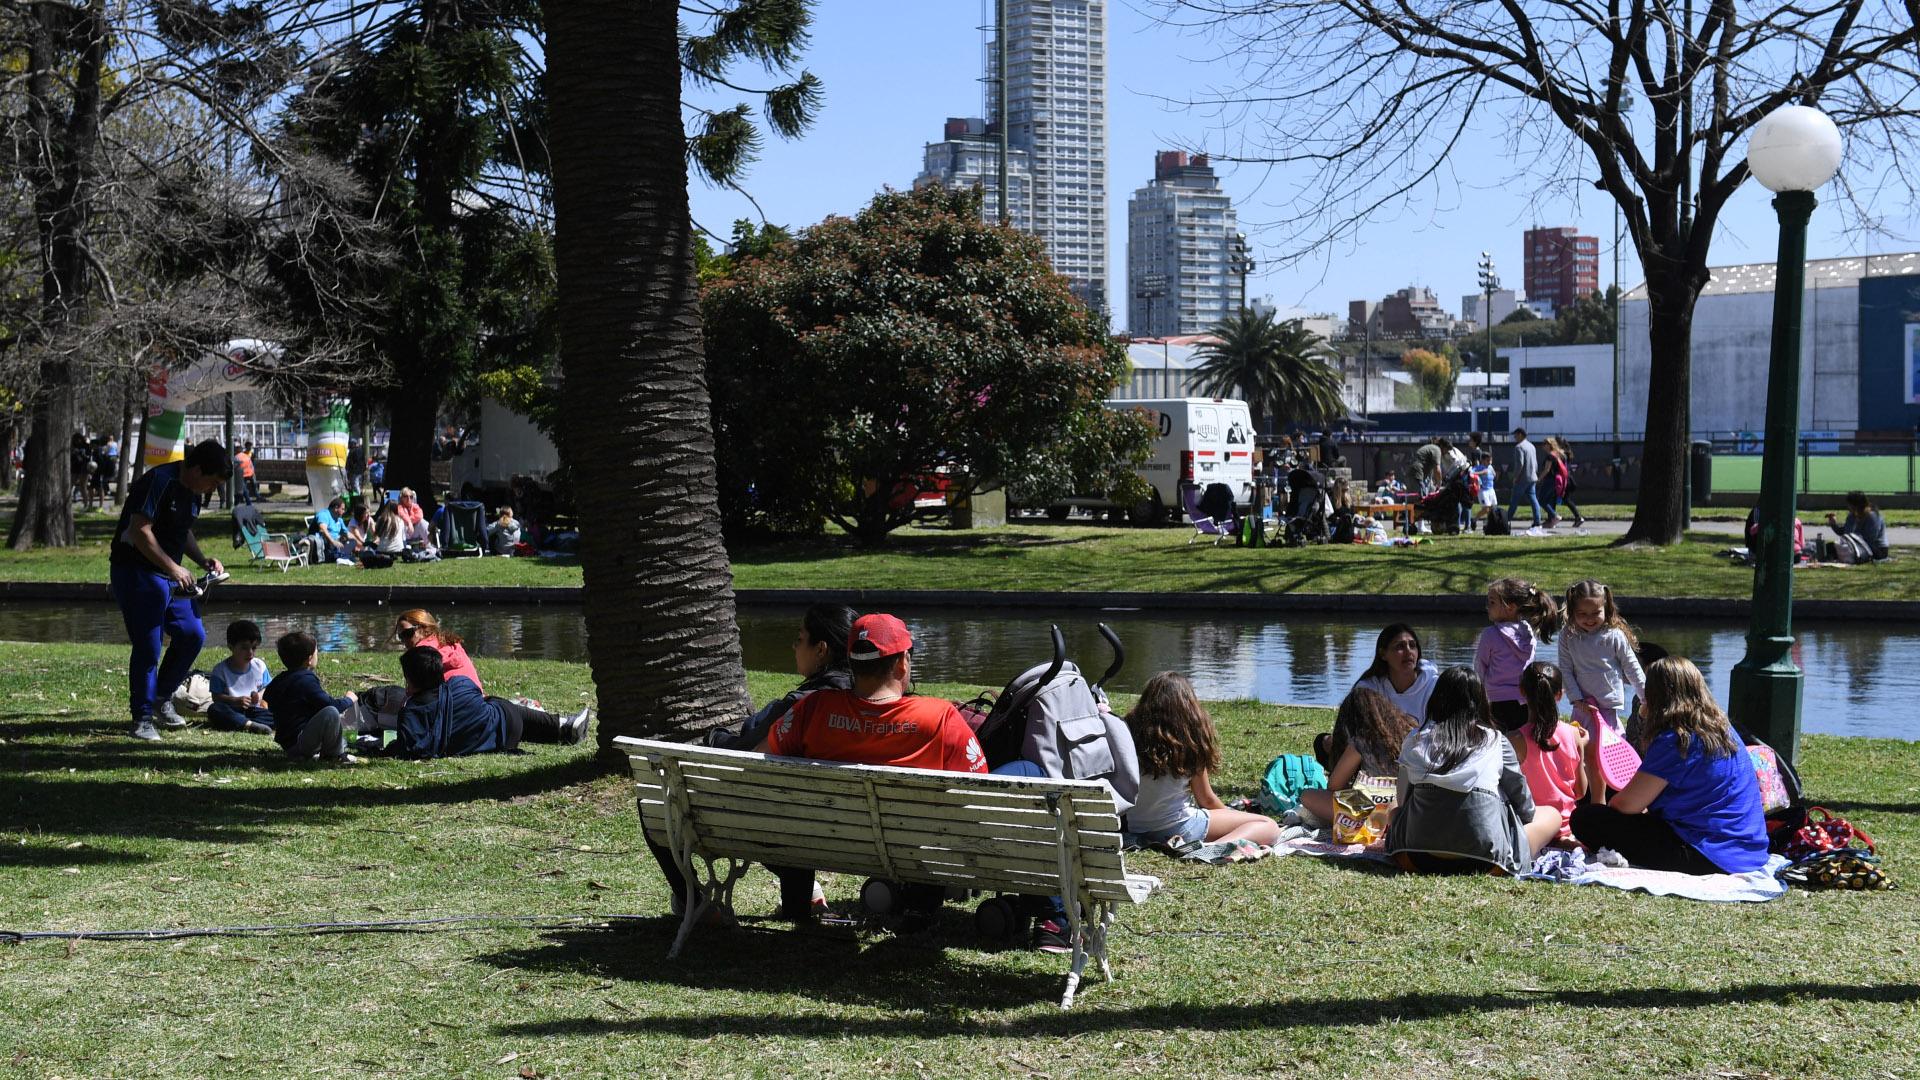 En el comienzo de la primavera, en un sábado a pleno sol, los porteños disfrutaron de un día en diferentes puntos de la ciudad de Buenos Aires